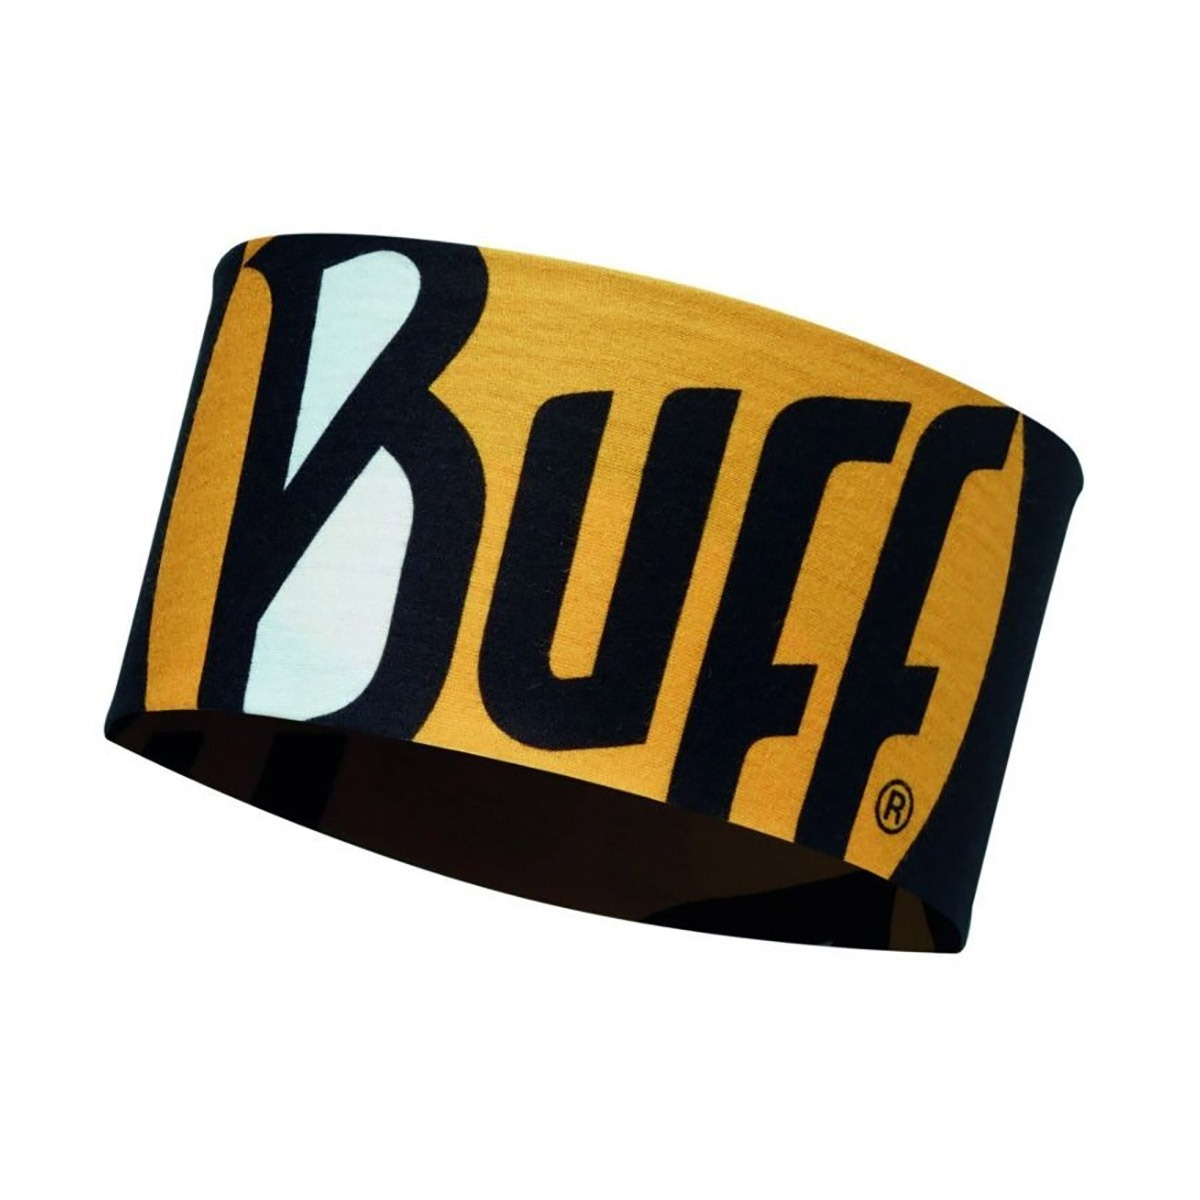 HEADBAND BUFF COOLNET UV ULTIMATE  BLACK